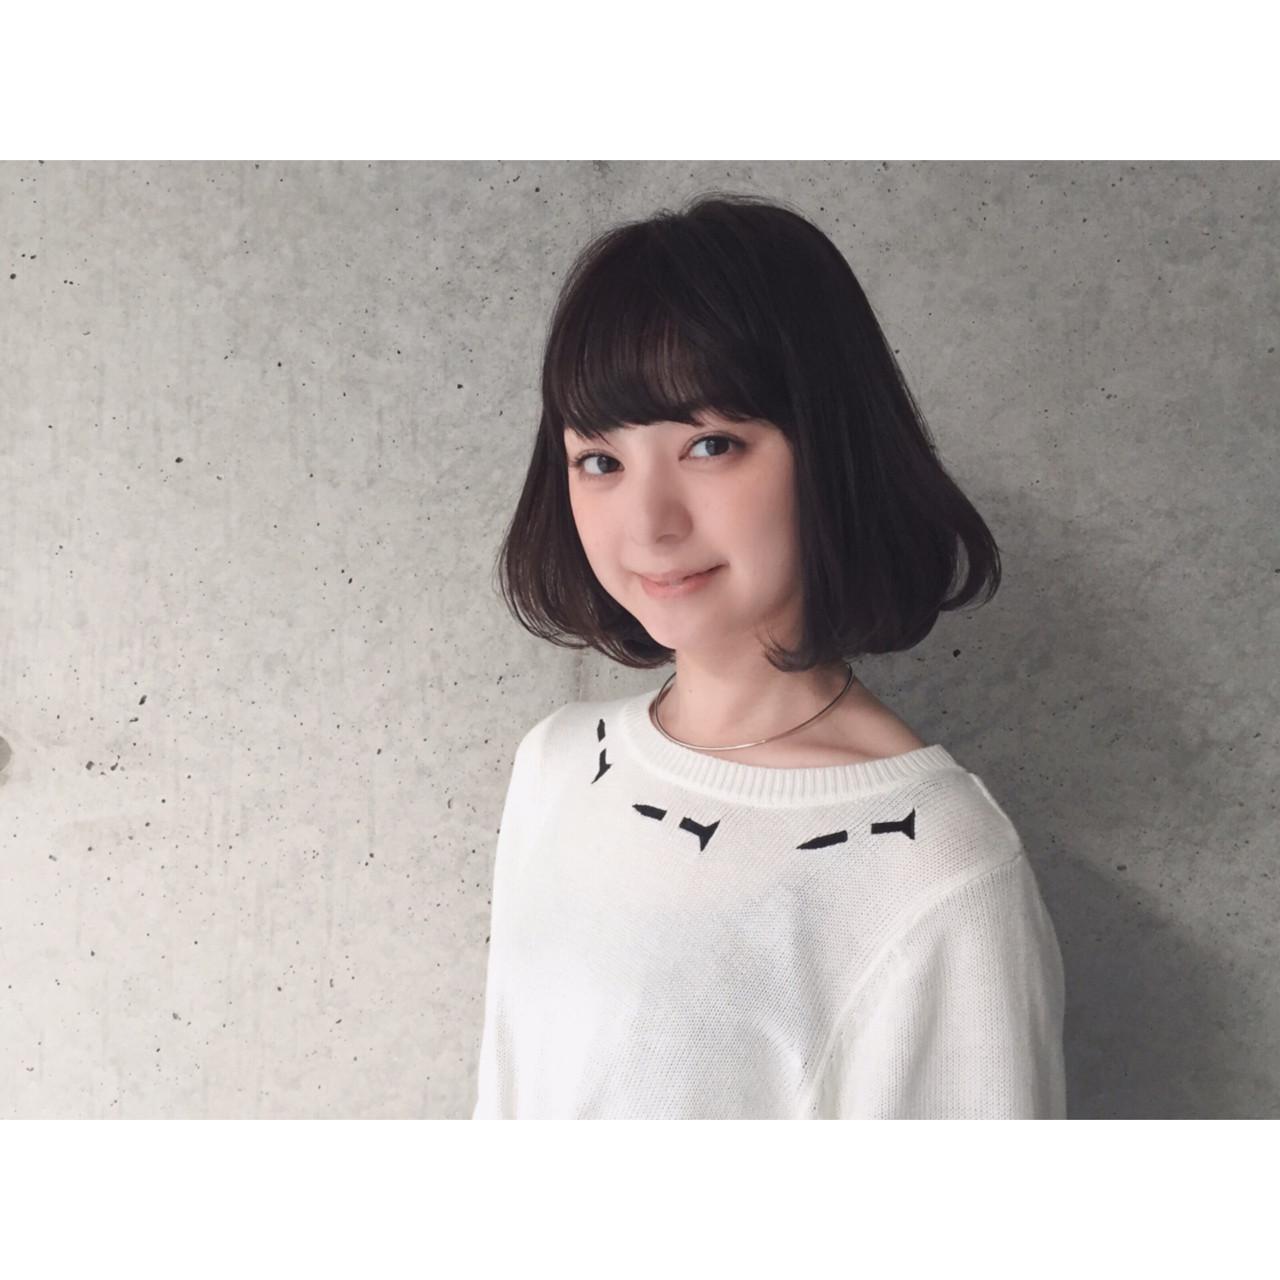 なりたいが叶う♡印象別黒髪ぱっつんボブスタイルを紹介! 大西 絢子/HOULe